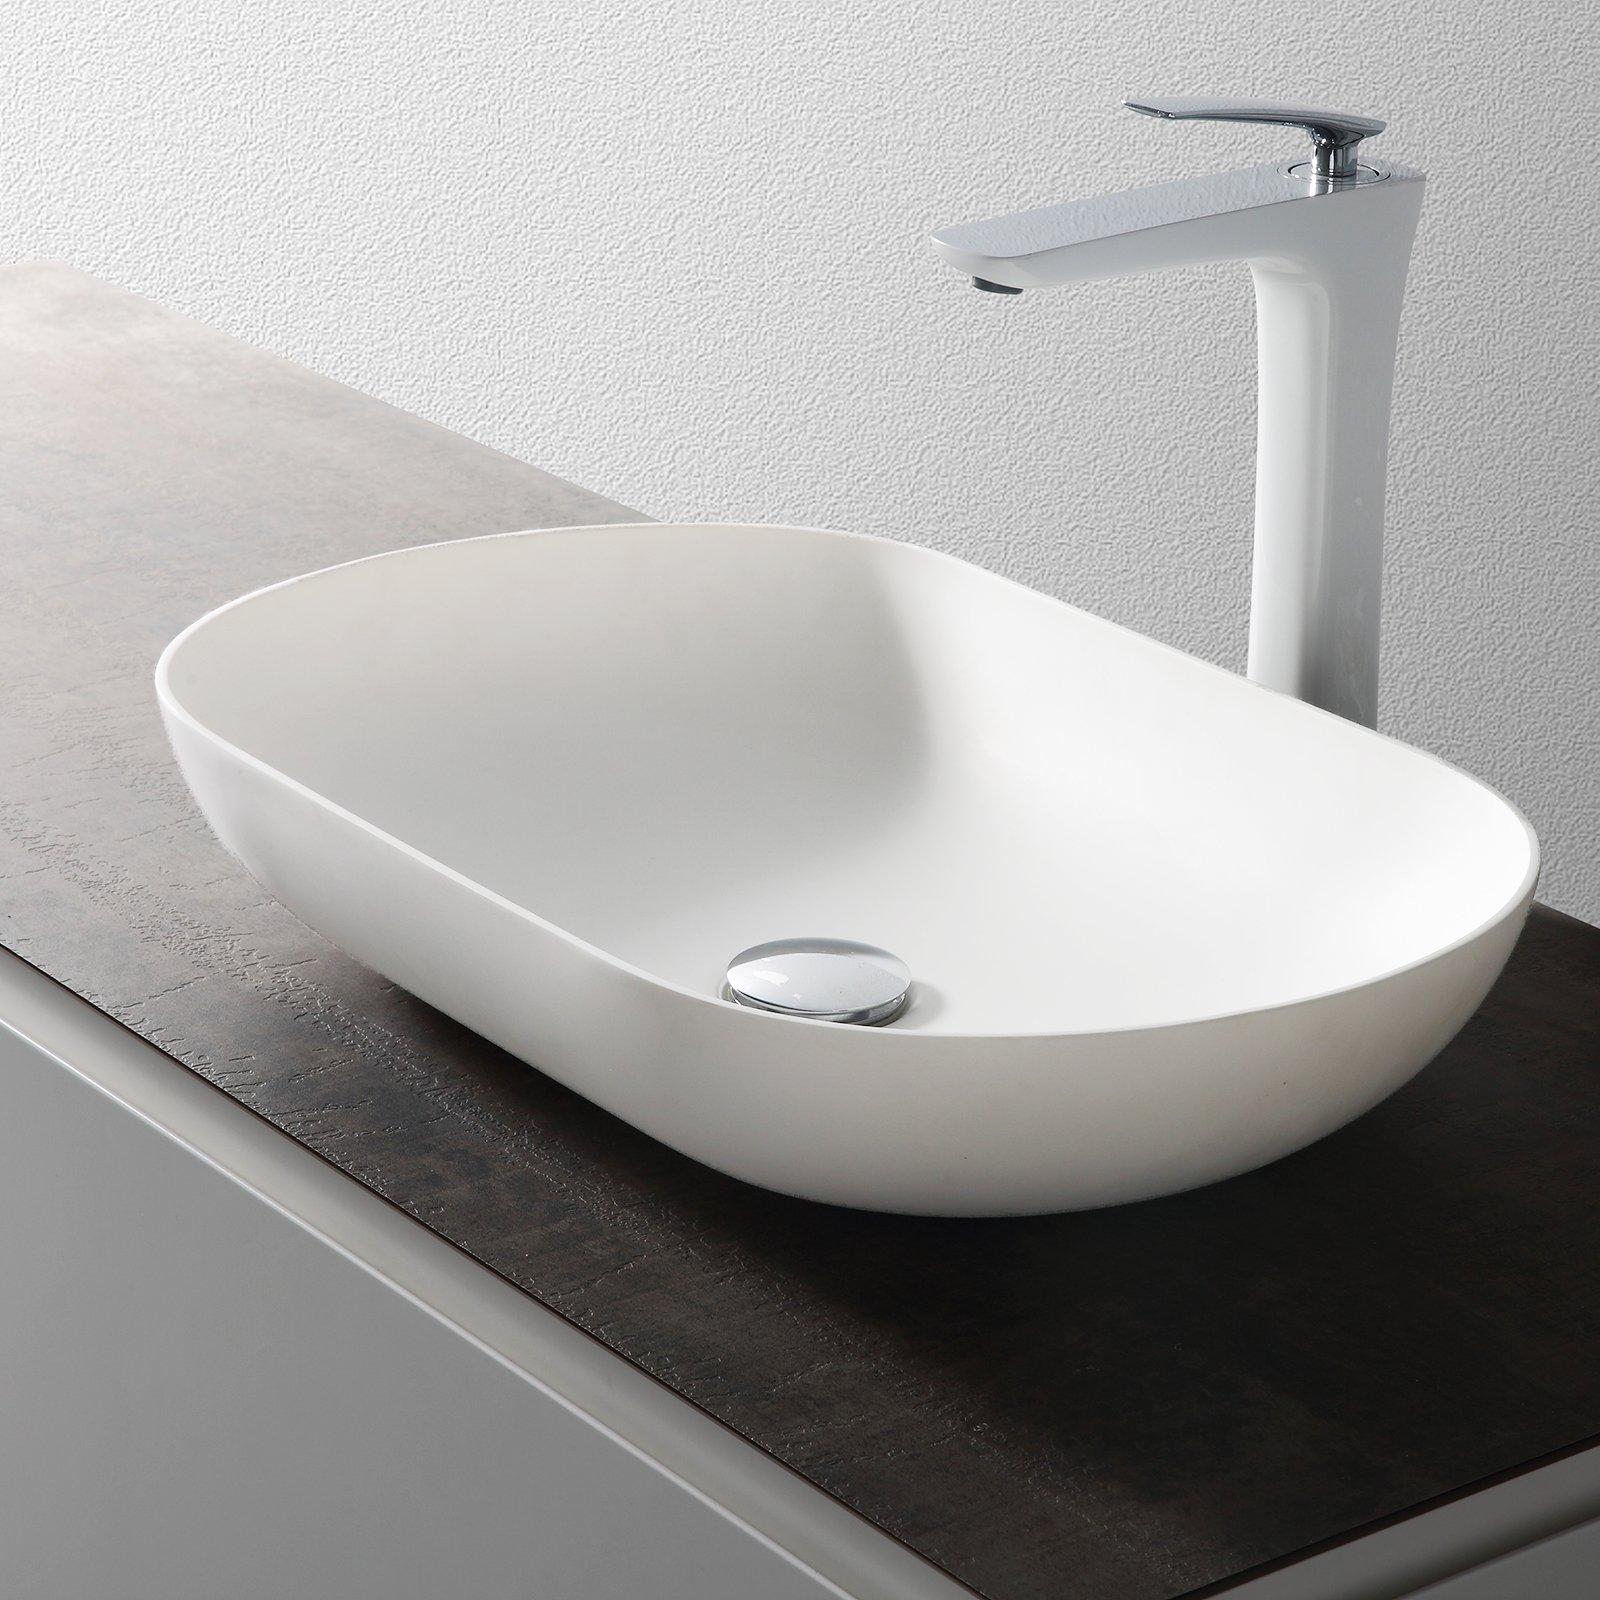 Aufsatzwaschbecken O-540 aus Mineralguss - Weiß matt - 54 x 34 x 10,5 cm